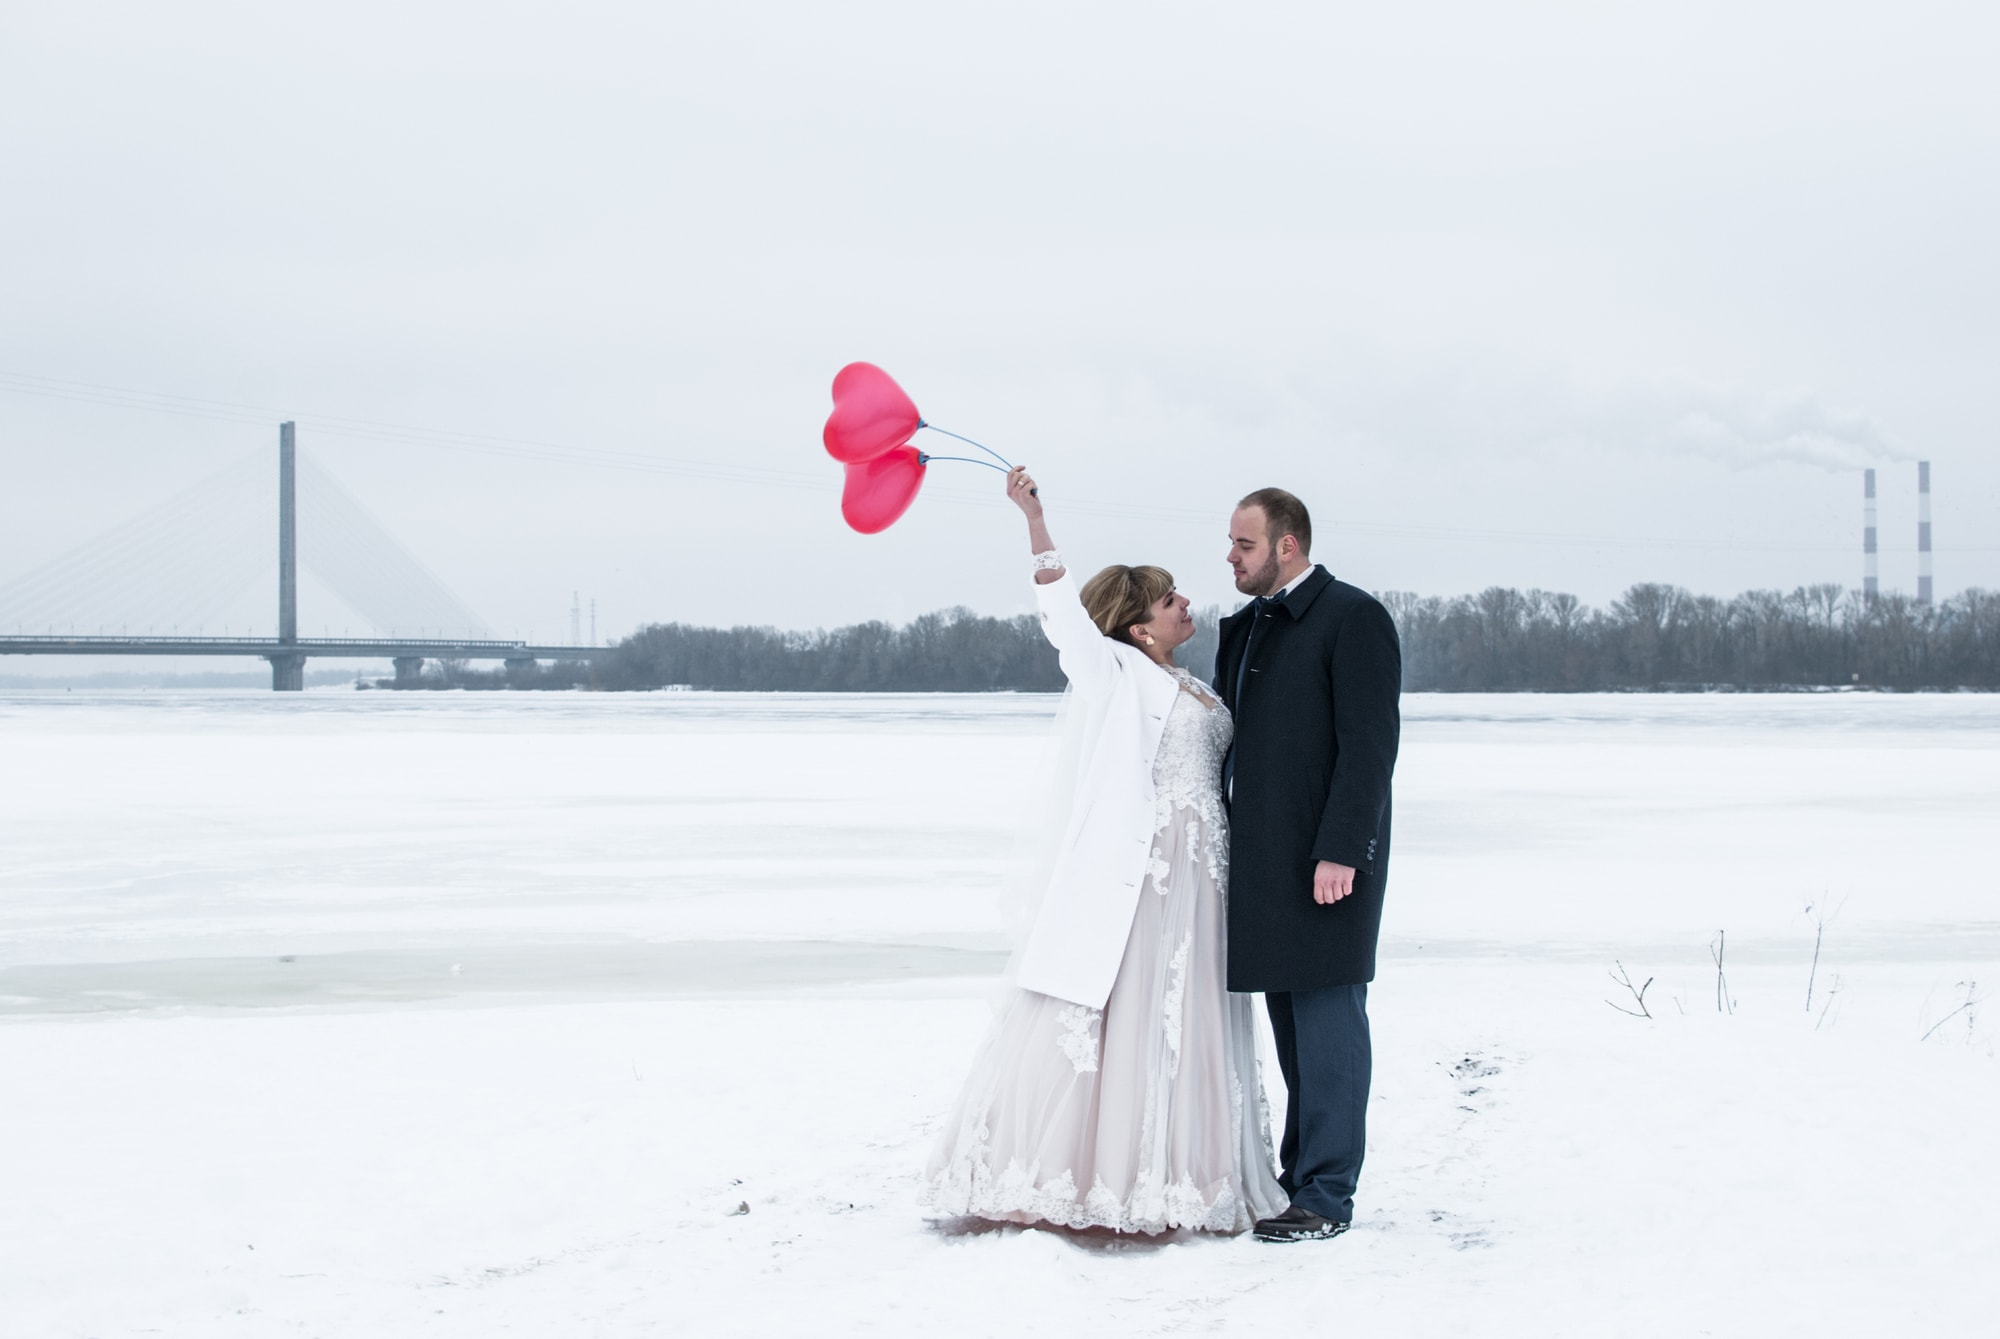 Невеста и шарики - Фотограф Киев - Женя Лайт